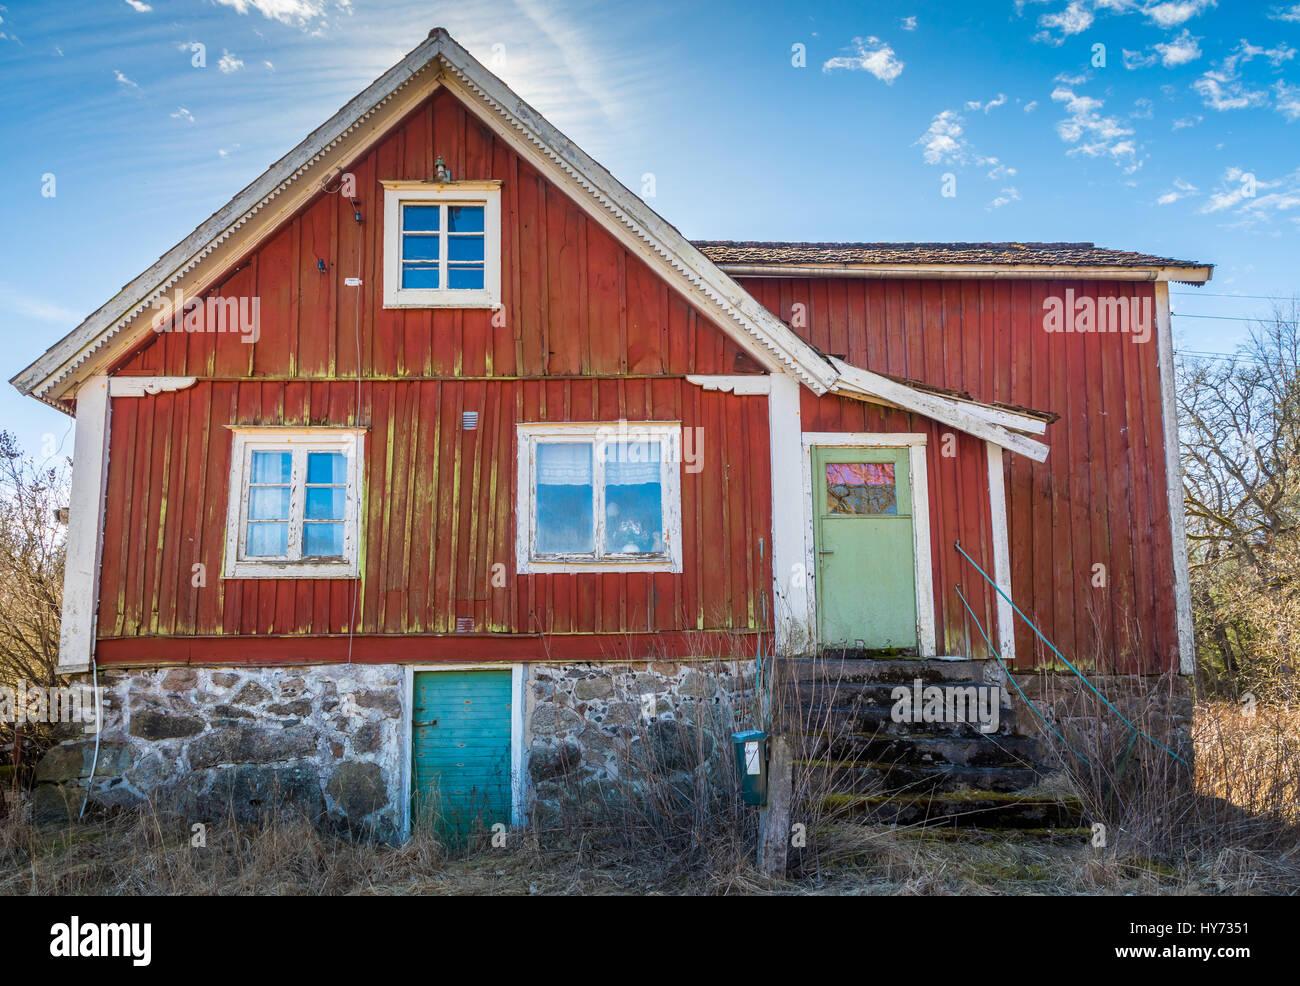 Maison sur ancienne ferme le sud de la province de Blekinge en Suède, près de Kyrkhult. Photo Stock